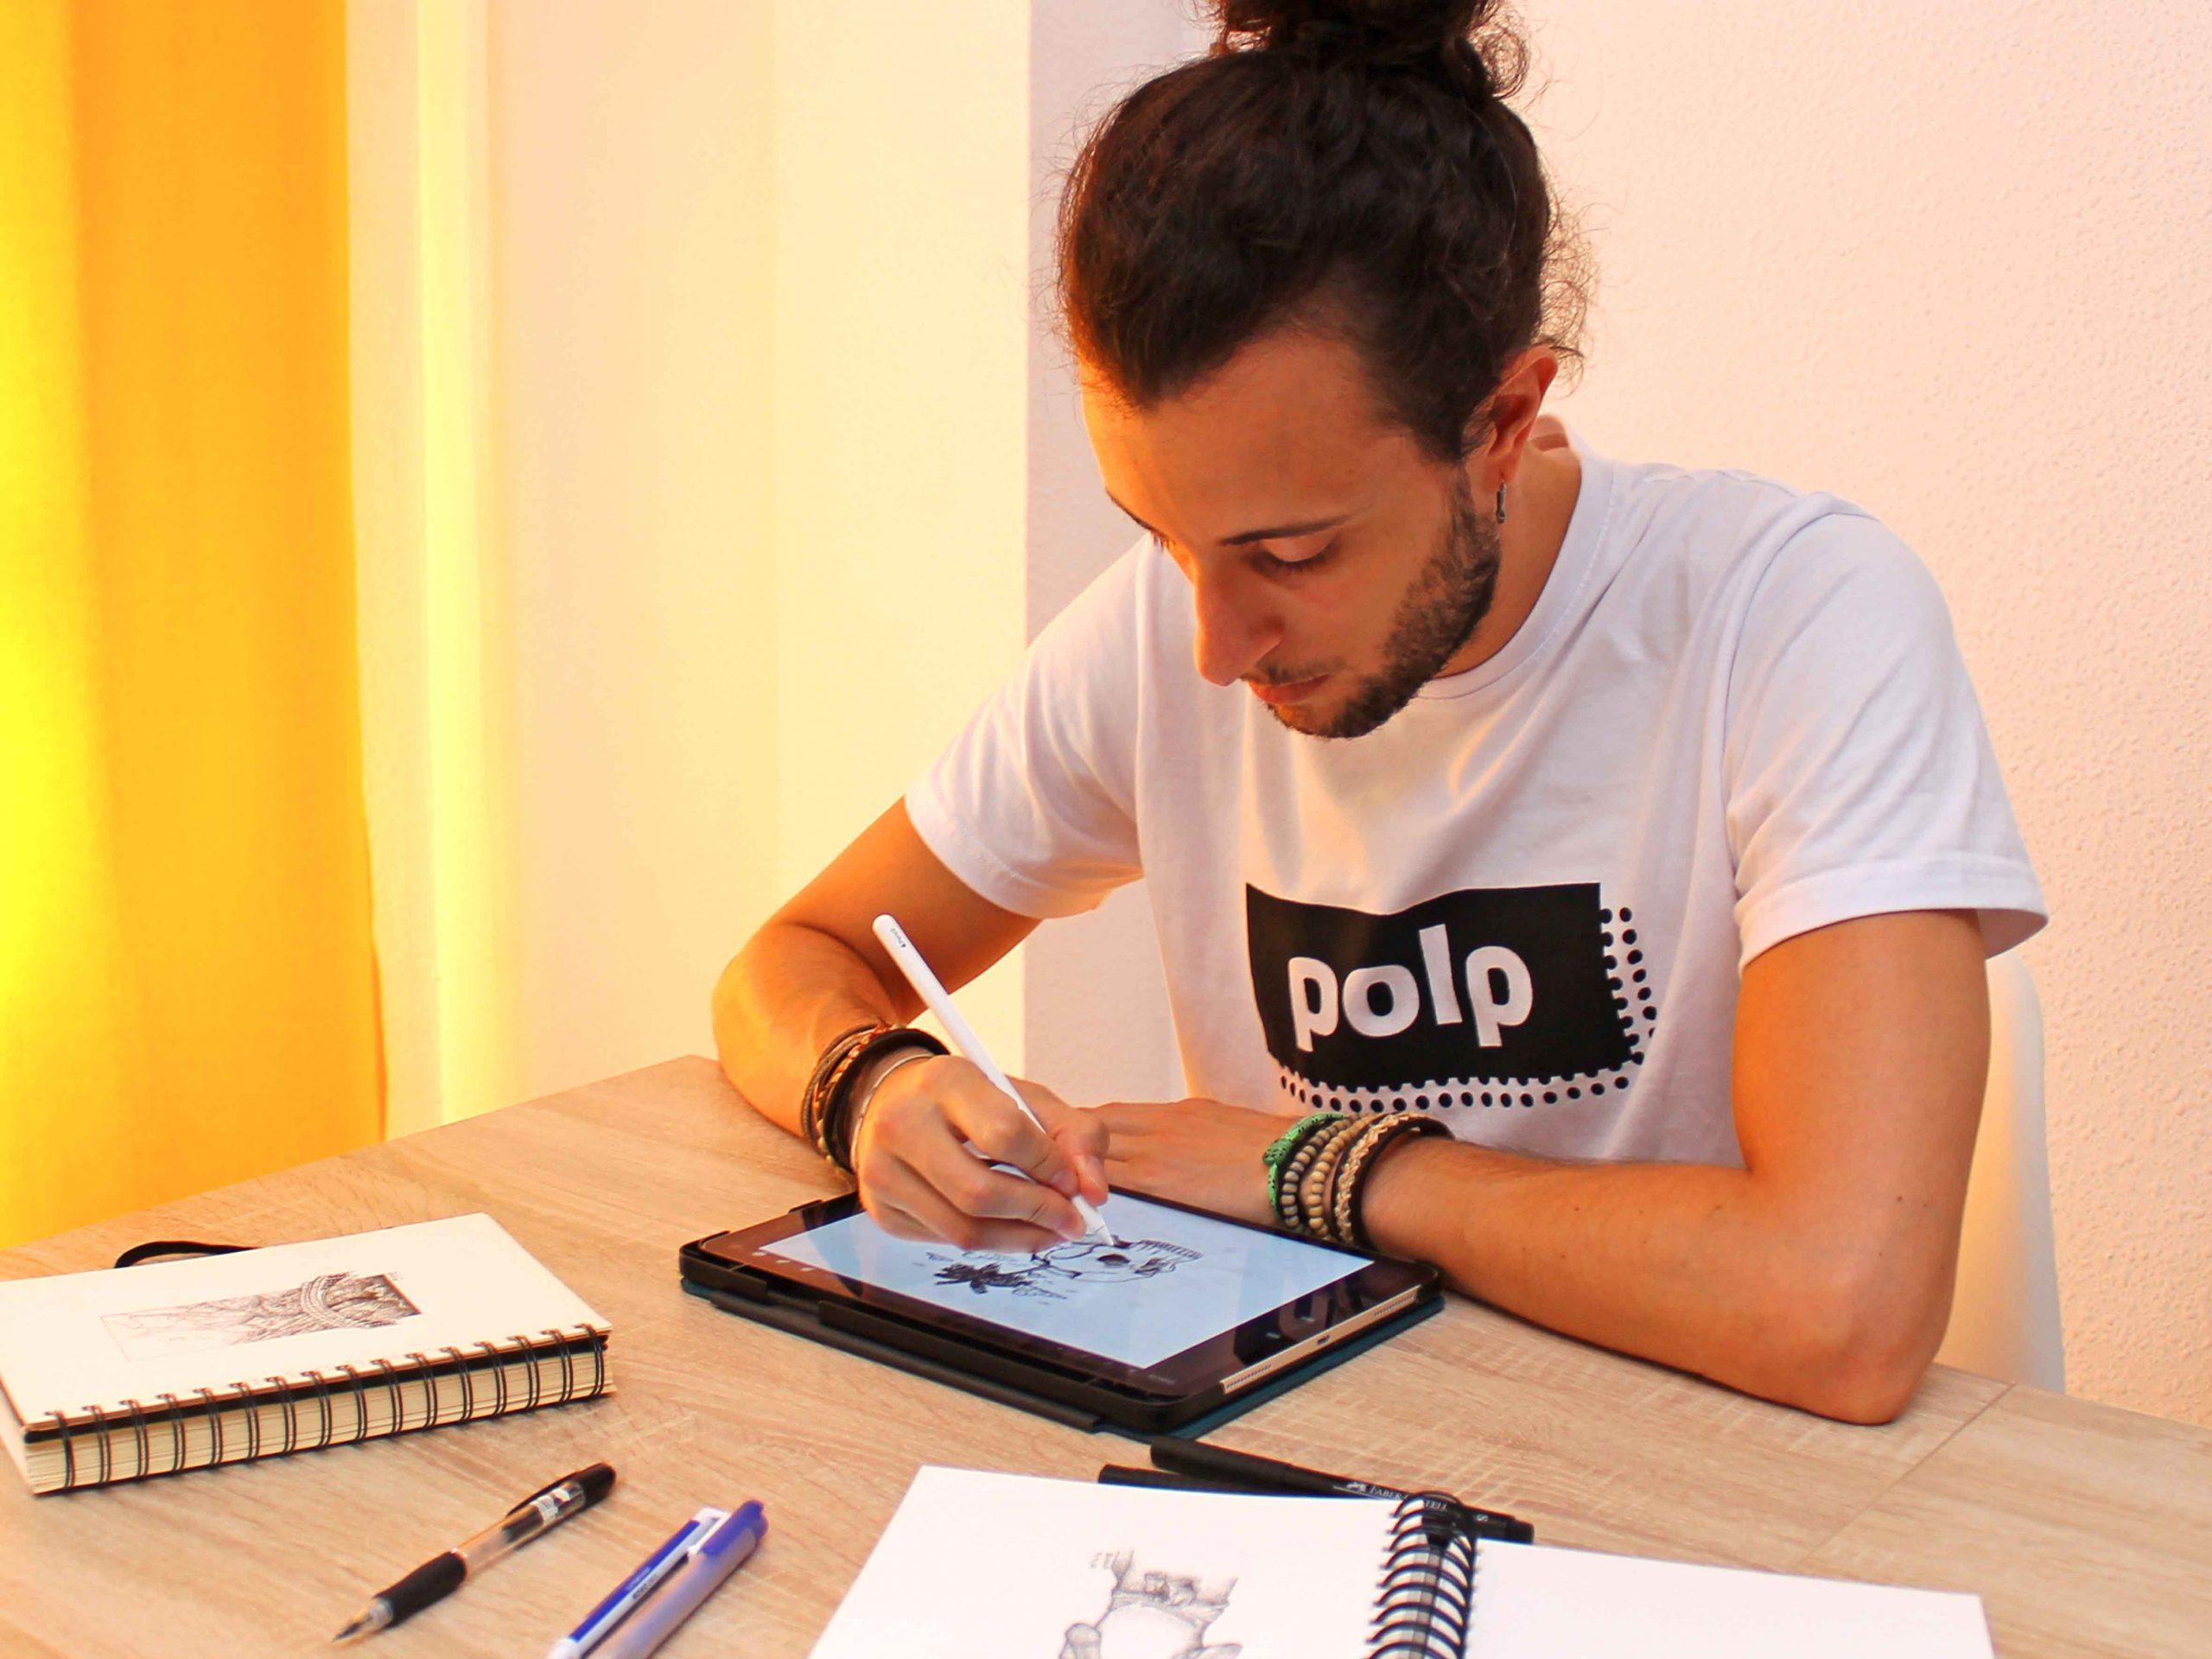 Así es Polp. creamos las ilustraciones desde cero en papel o ipad